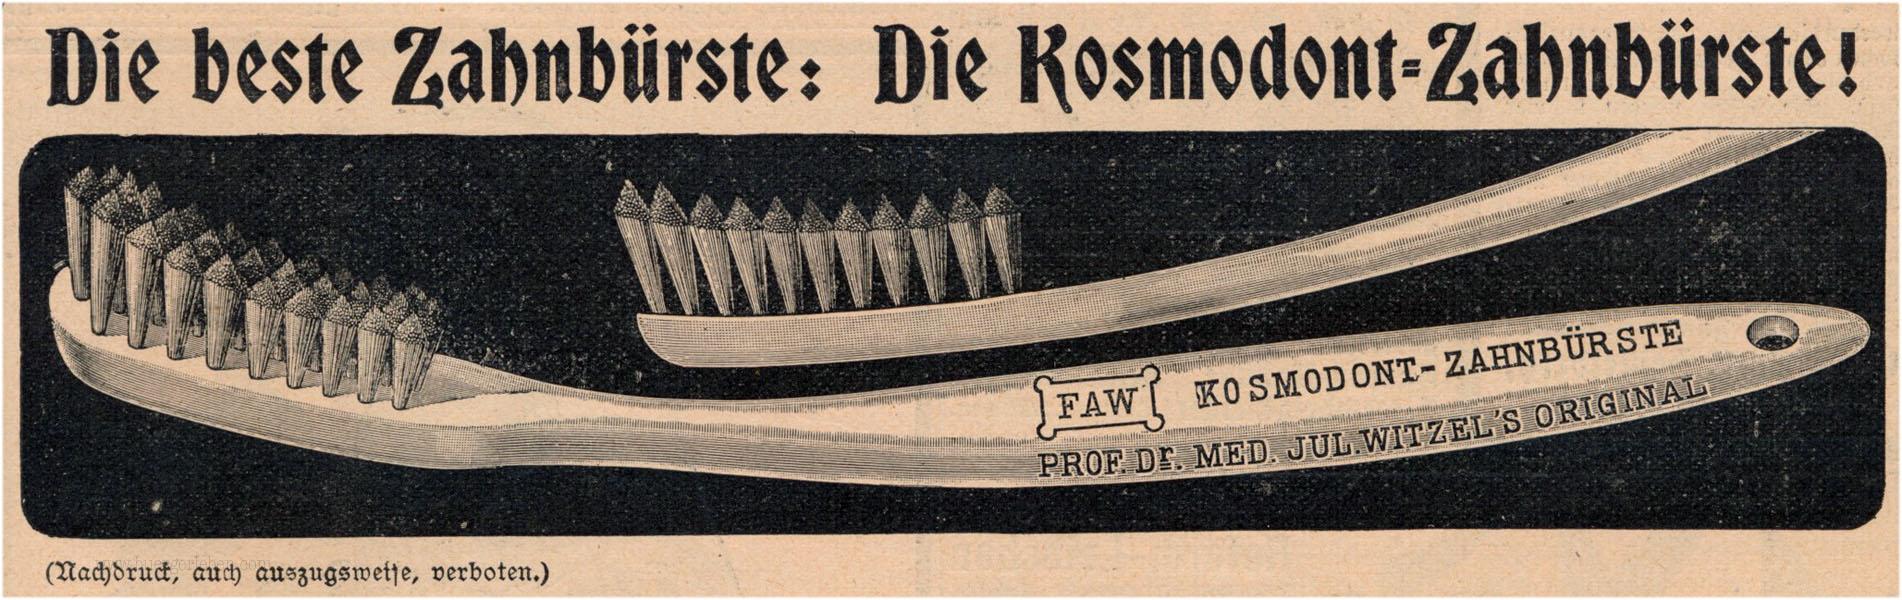 zahnbuerste-witzel-ausschnitt